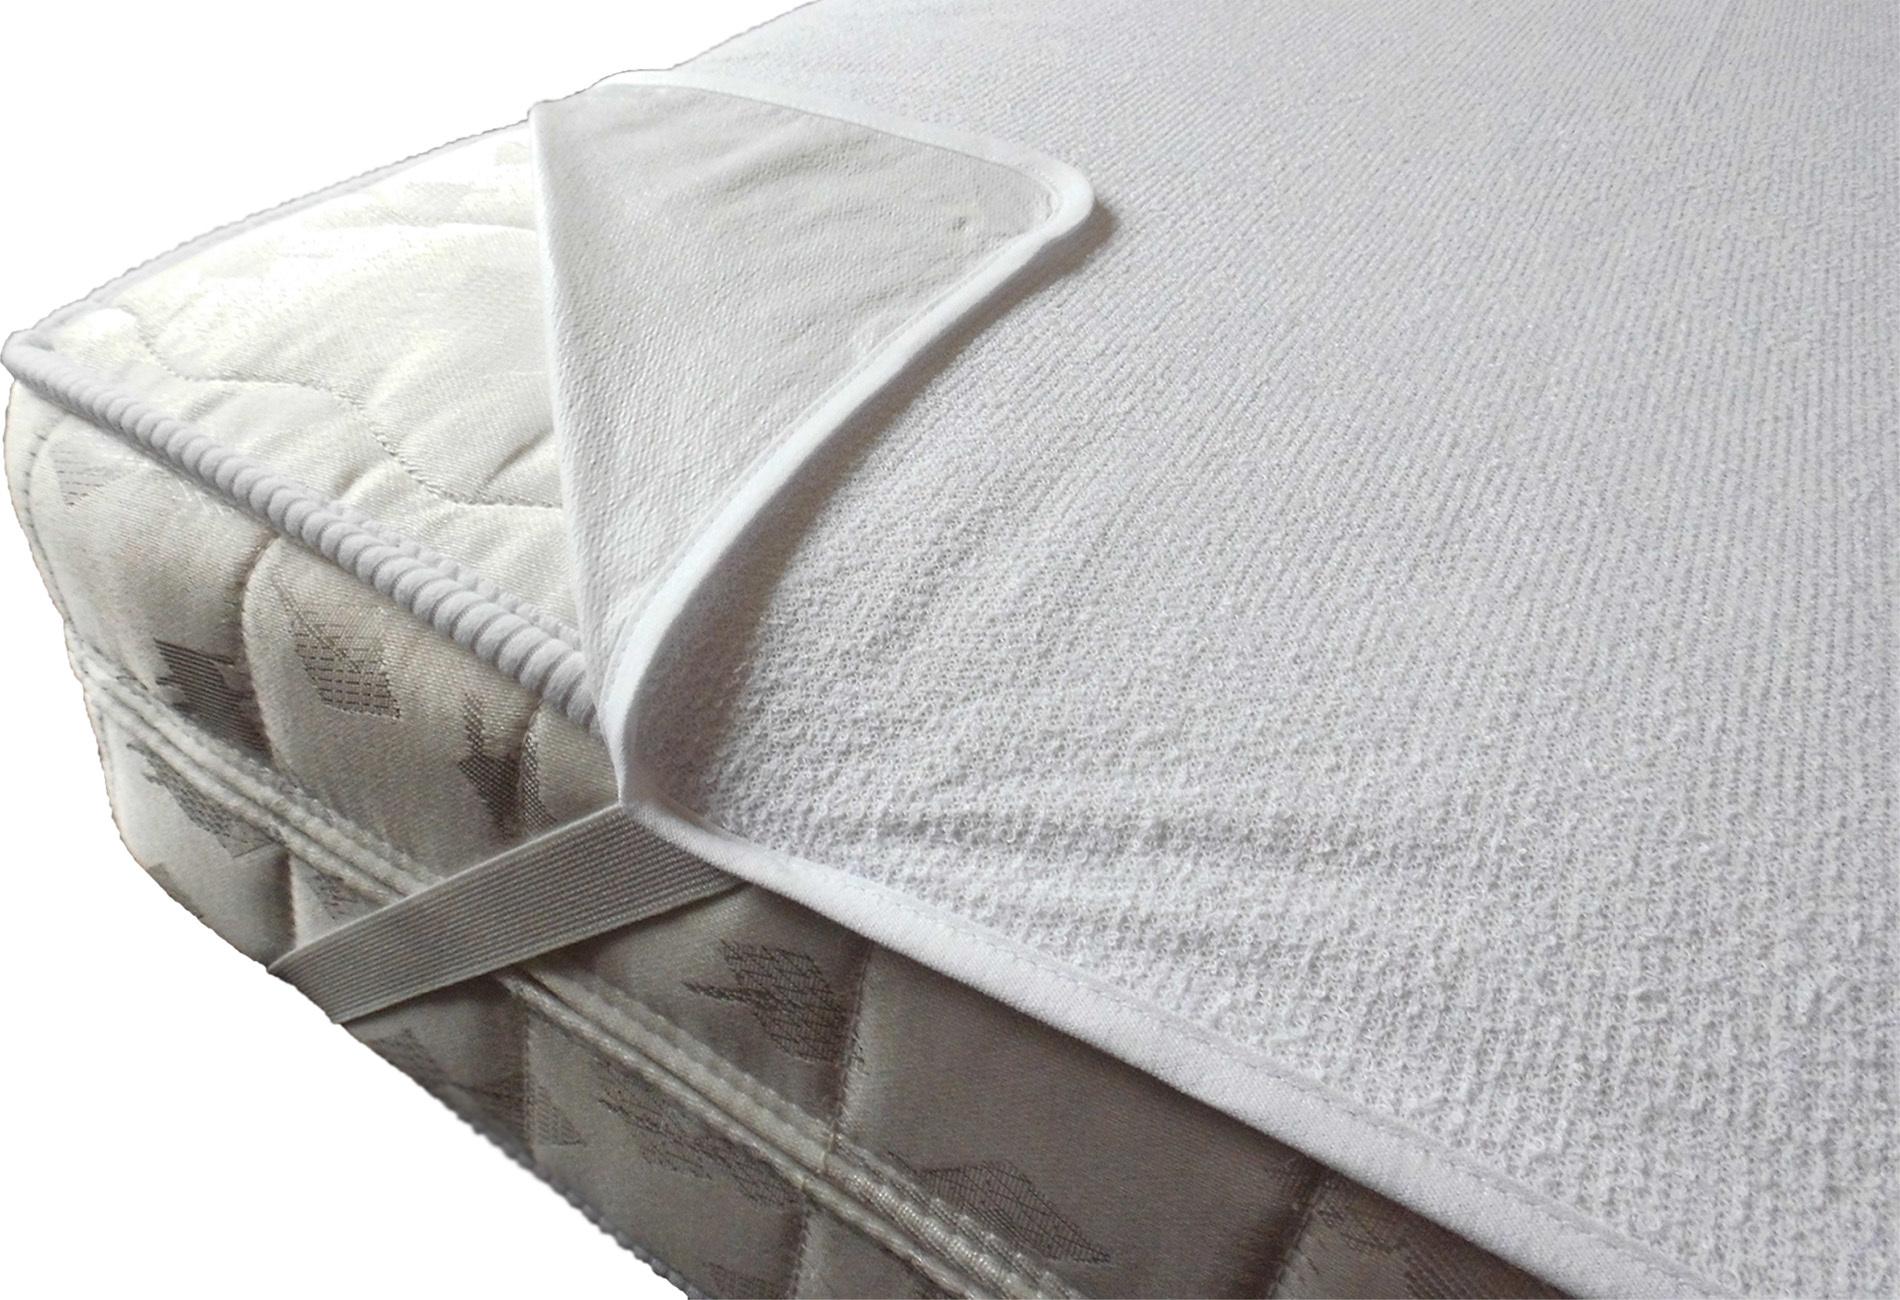 sinnlein wasserdichter matratzenschoner frottee bettauflage matratzenauflage ebay. Black Bedroom Furniture Sets. Home Design Ideas